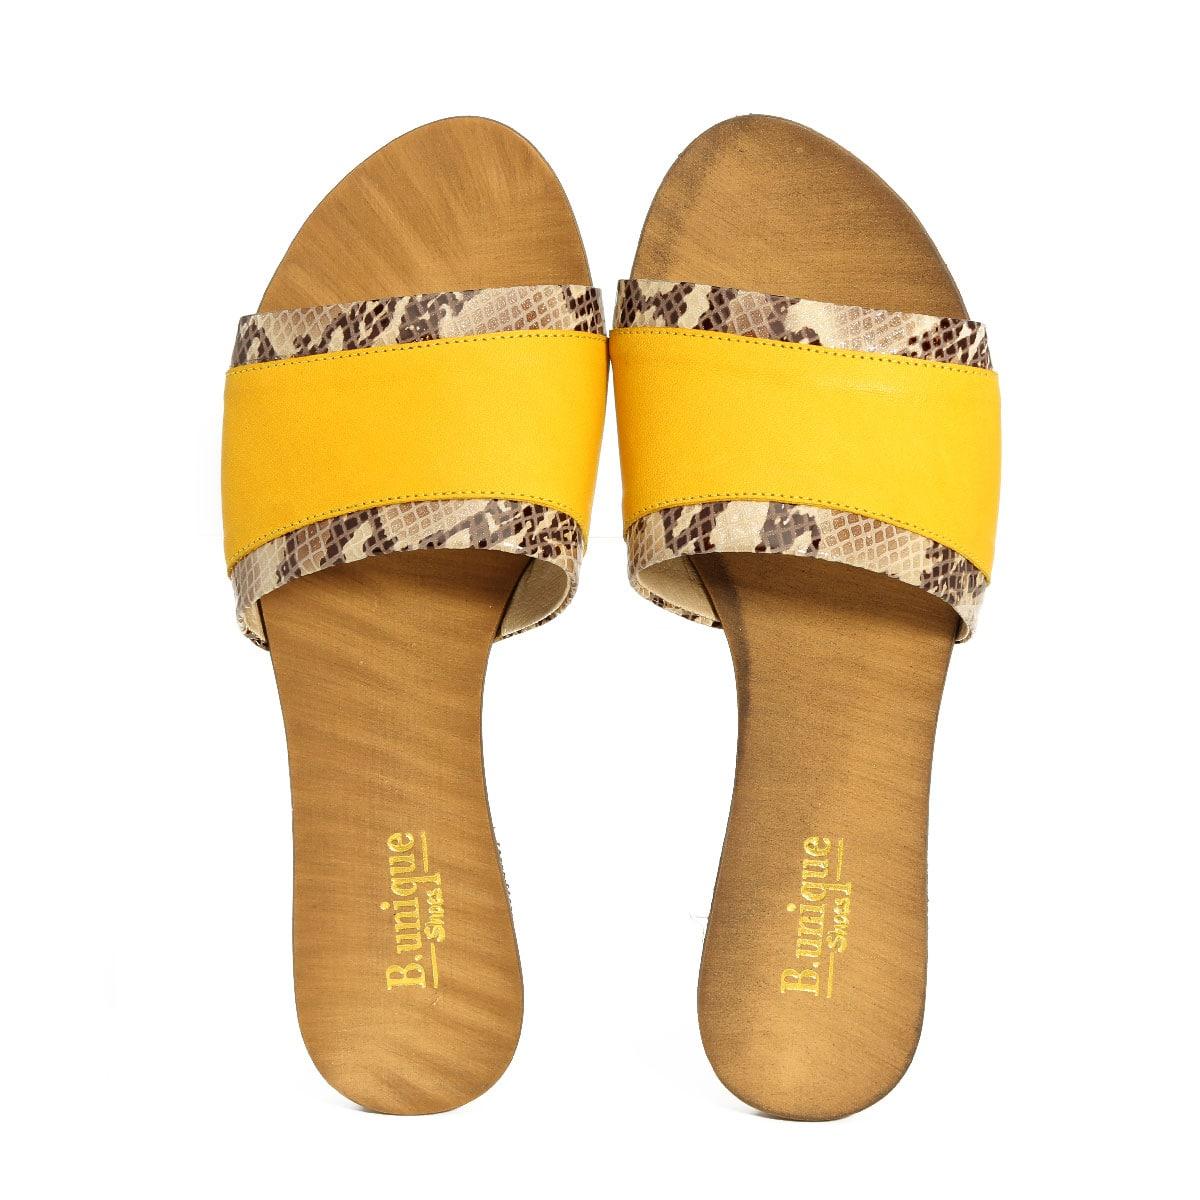 בלעדי לאתר - דגם ליהי: כפכפים בצבע צהוב